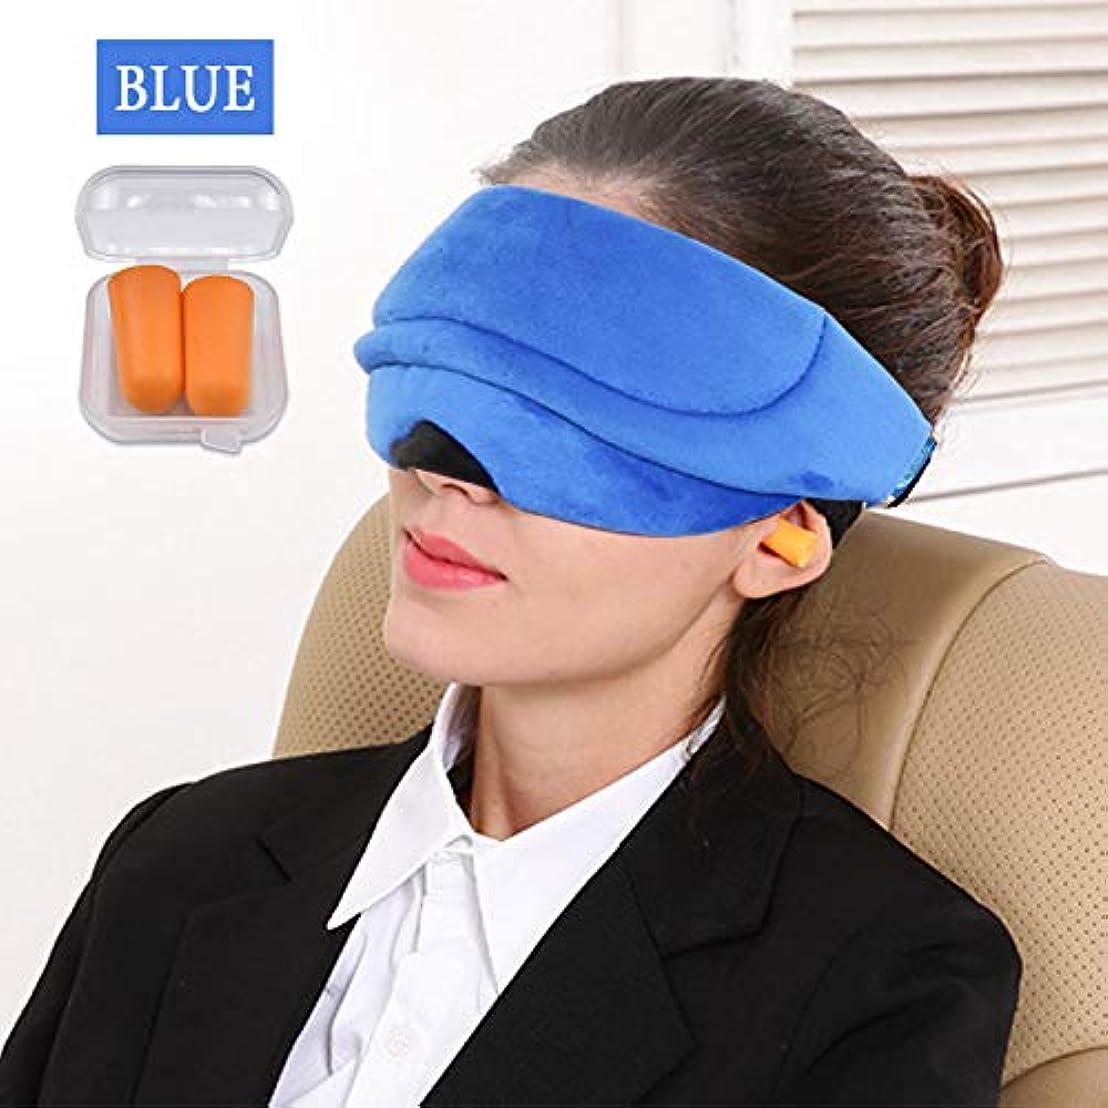 重荷それら性交NOTE 3dソフト通気性睡眠アイマスクナチュラル睡眠カバー目隠し残り援助アイシェード女性男性旅行カバーシェードアイパッチ